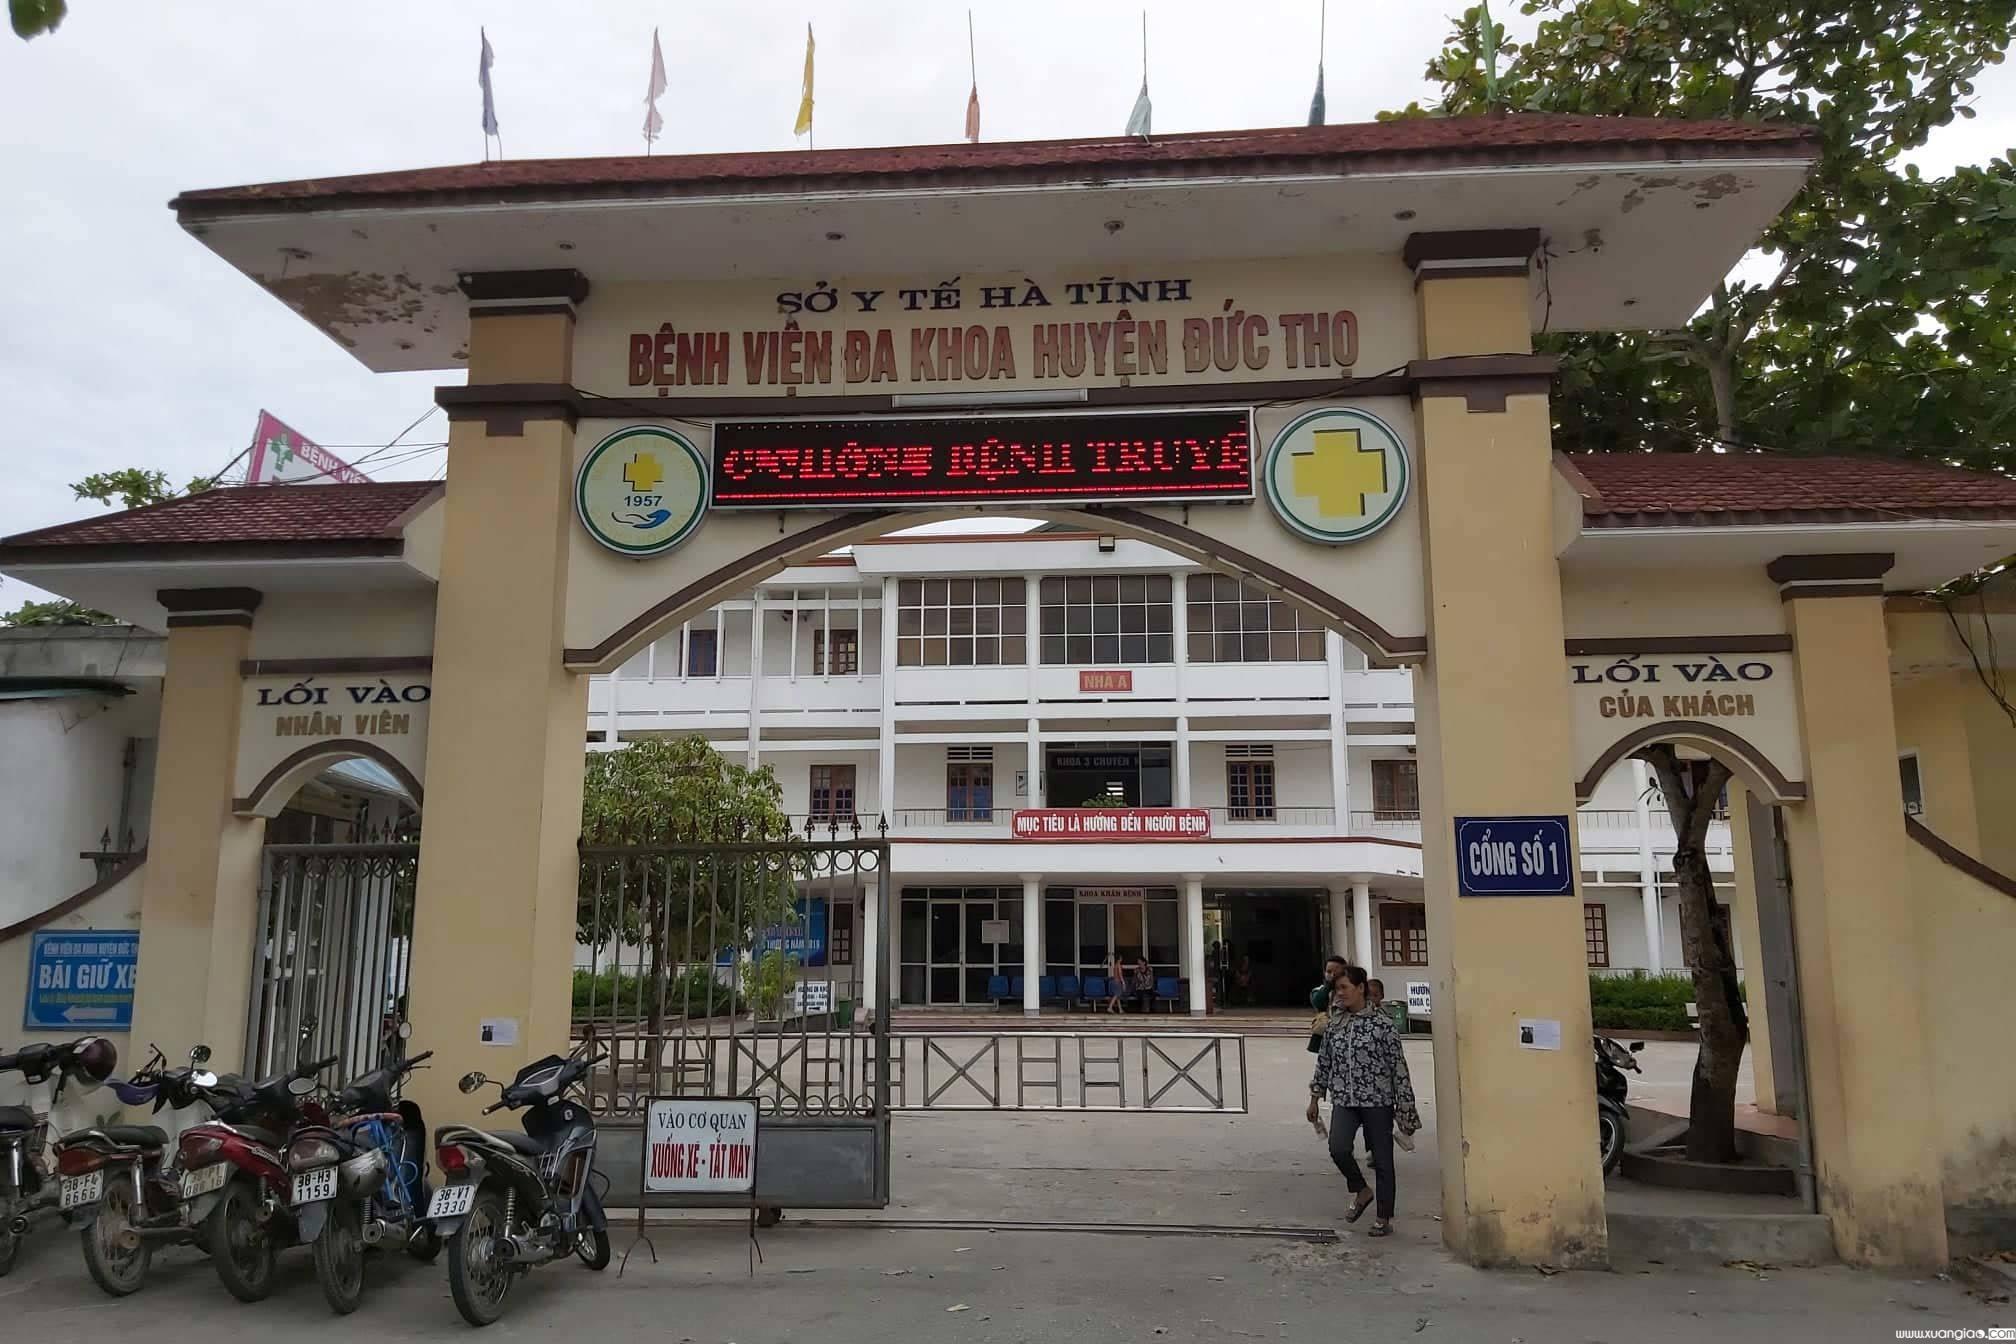 Bác sỹ Nguyễn Minh Đức, Trưởng khoa Sản BV ĐK Đức Thọ, người kéo đầu trẻ gây đứt cổ